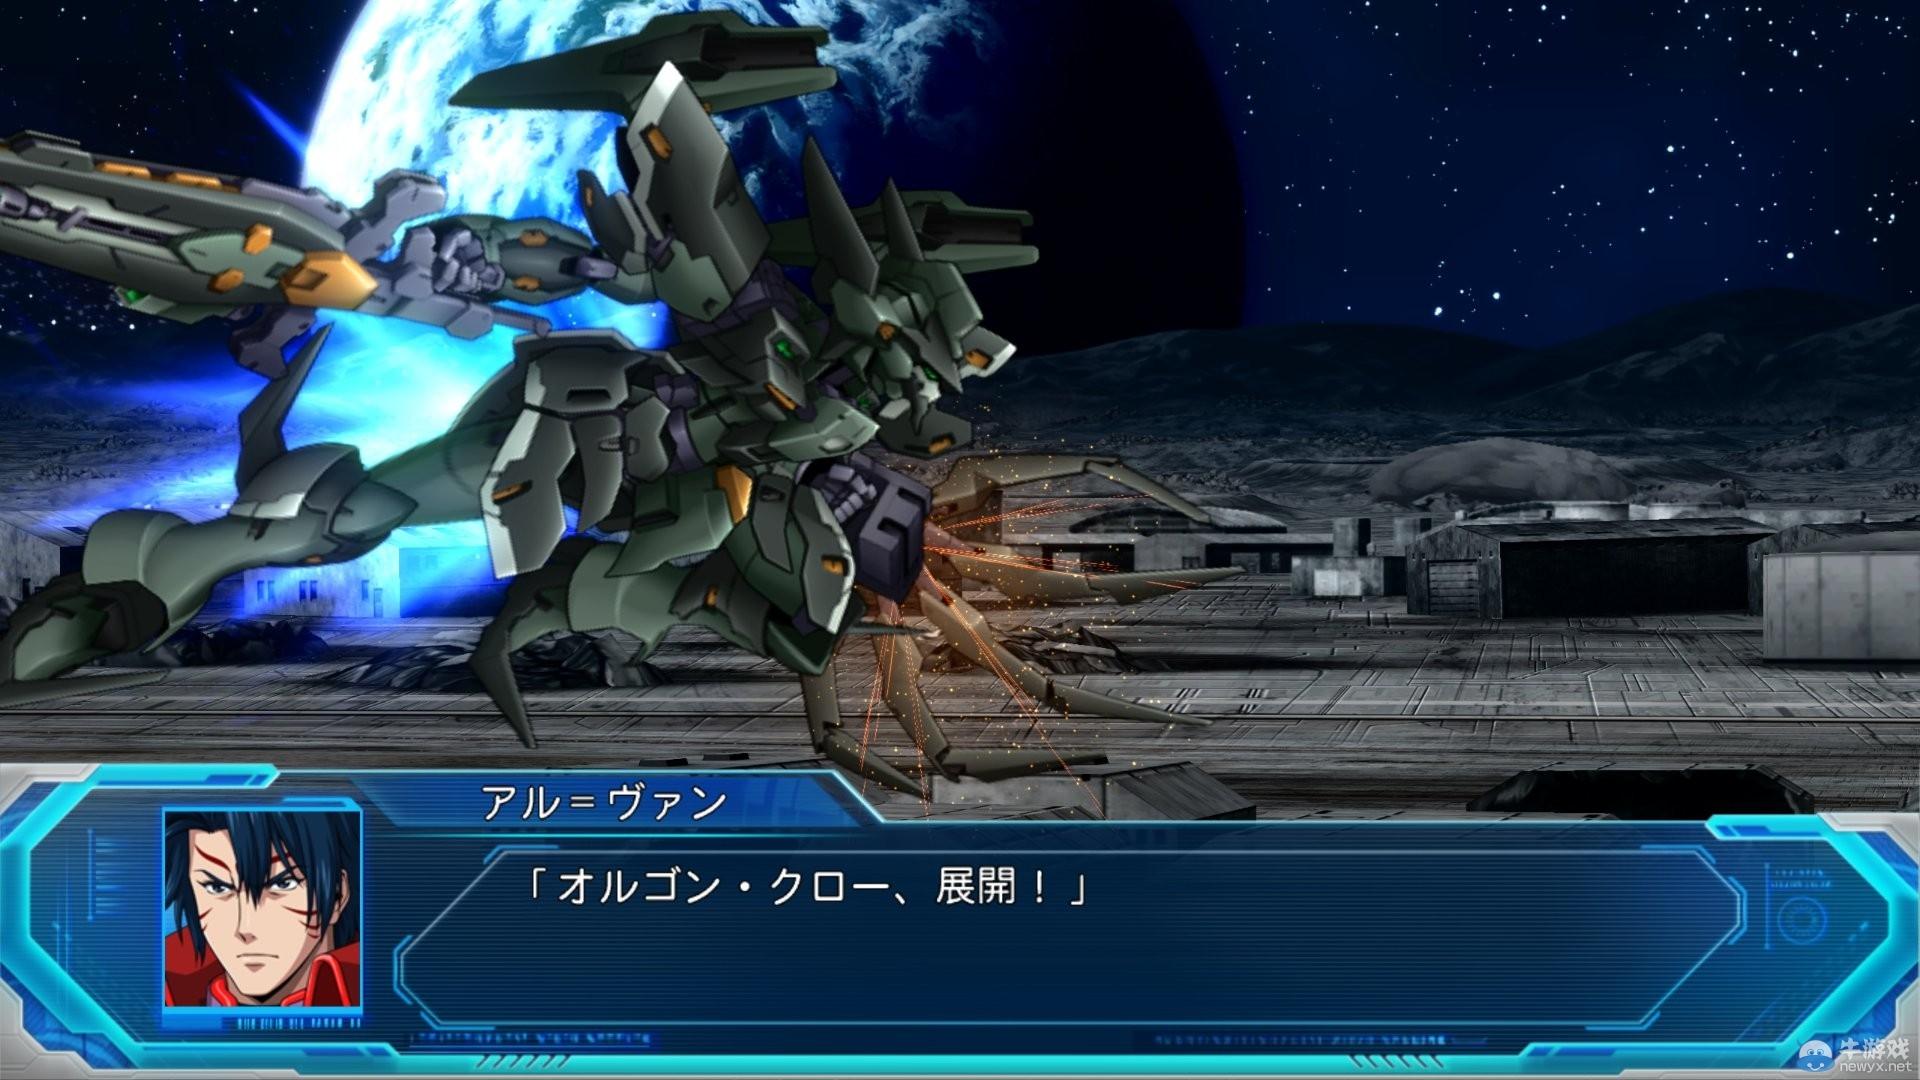 《超级机器人大战OG:月球居民》新截图 靓妹对决战场